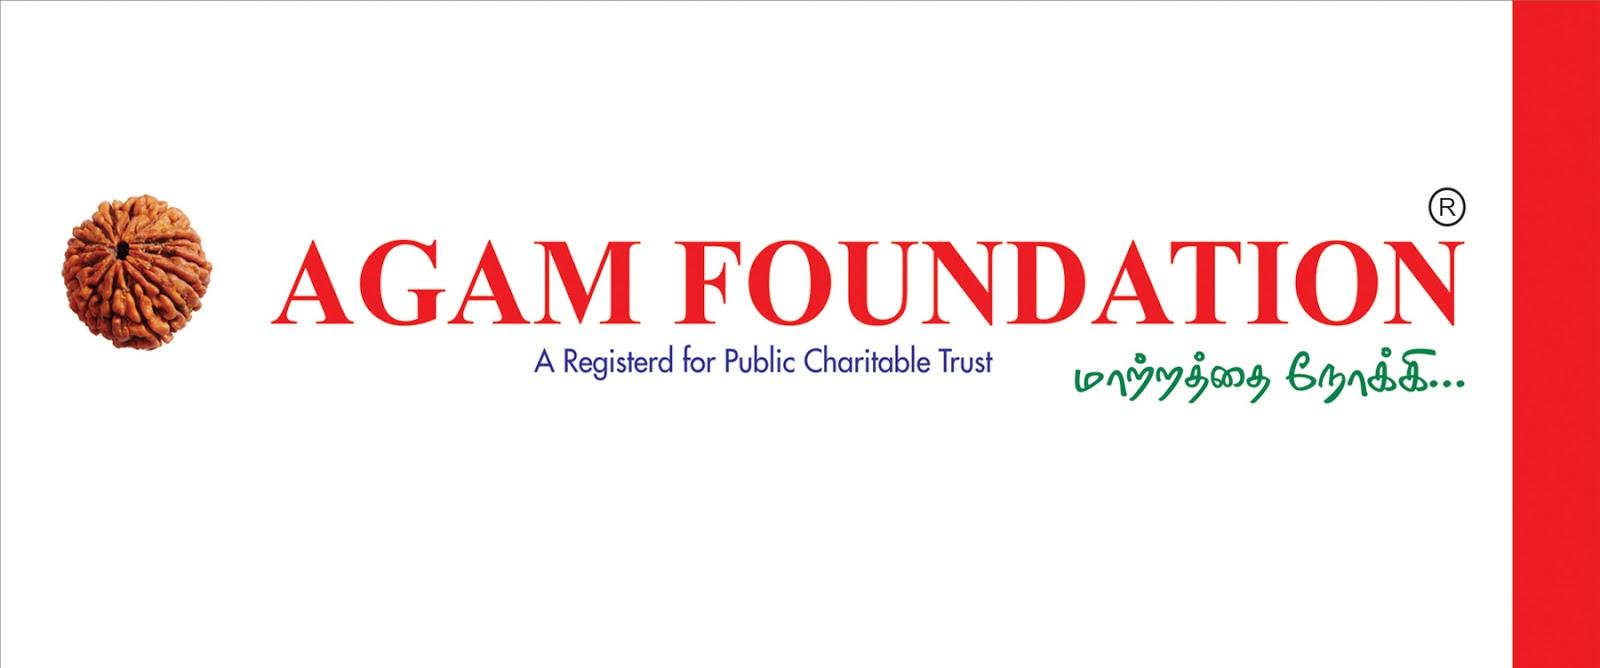 blood bank AGAM FOUNDATION near Ramanathapuram Tamil Nadu